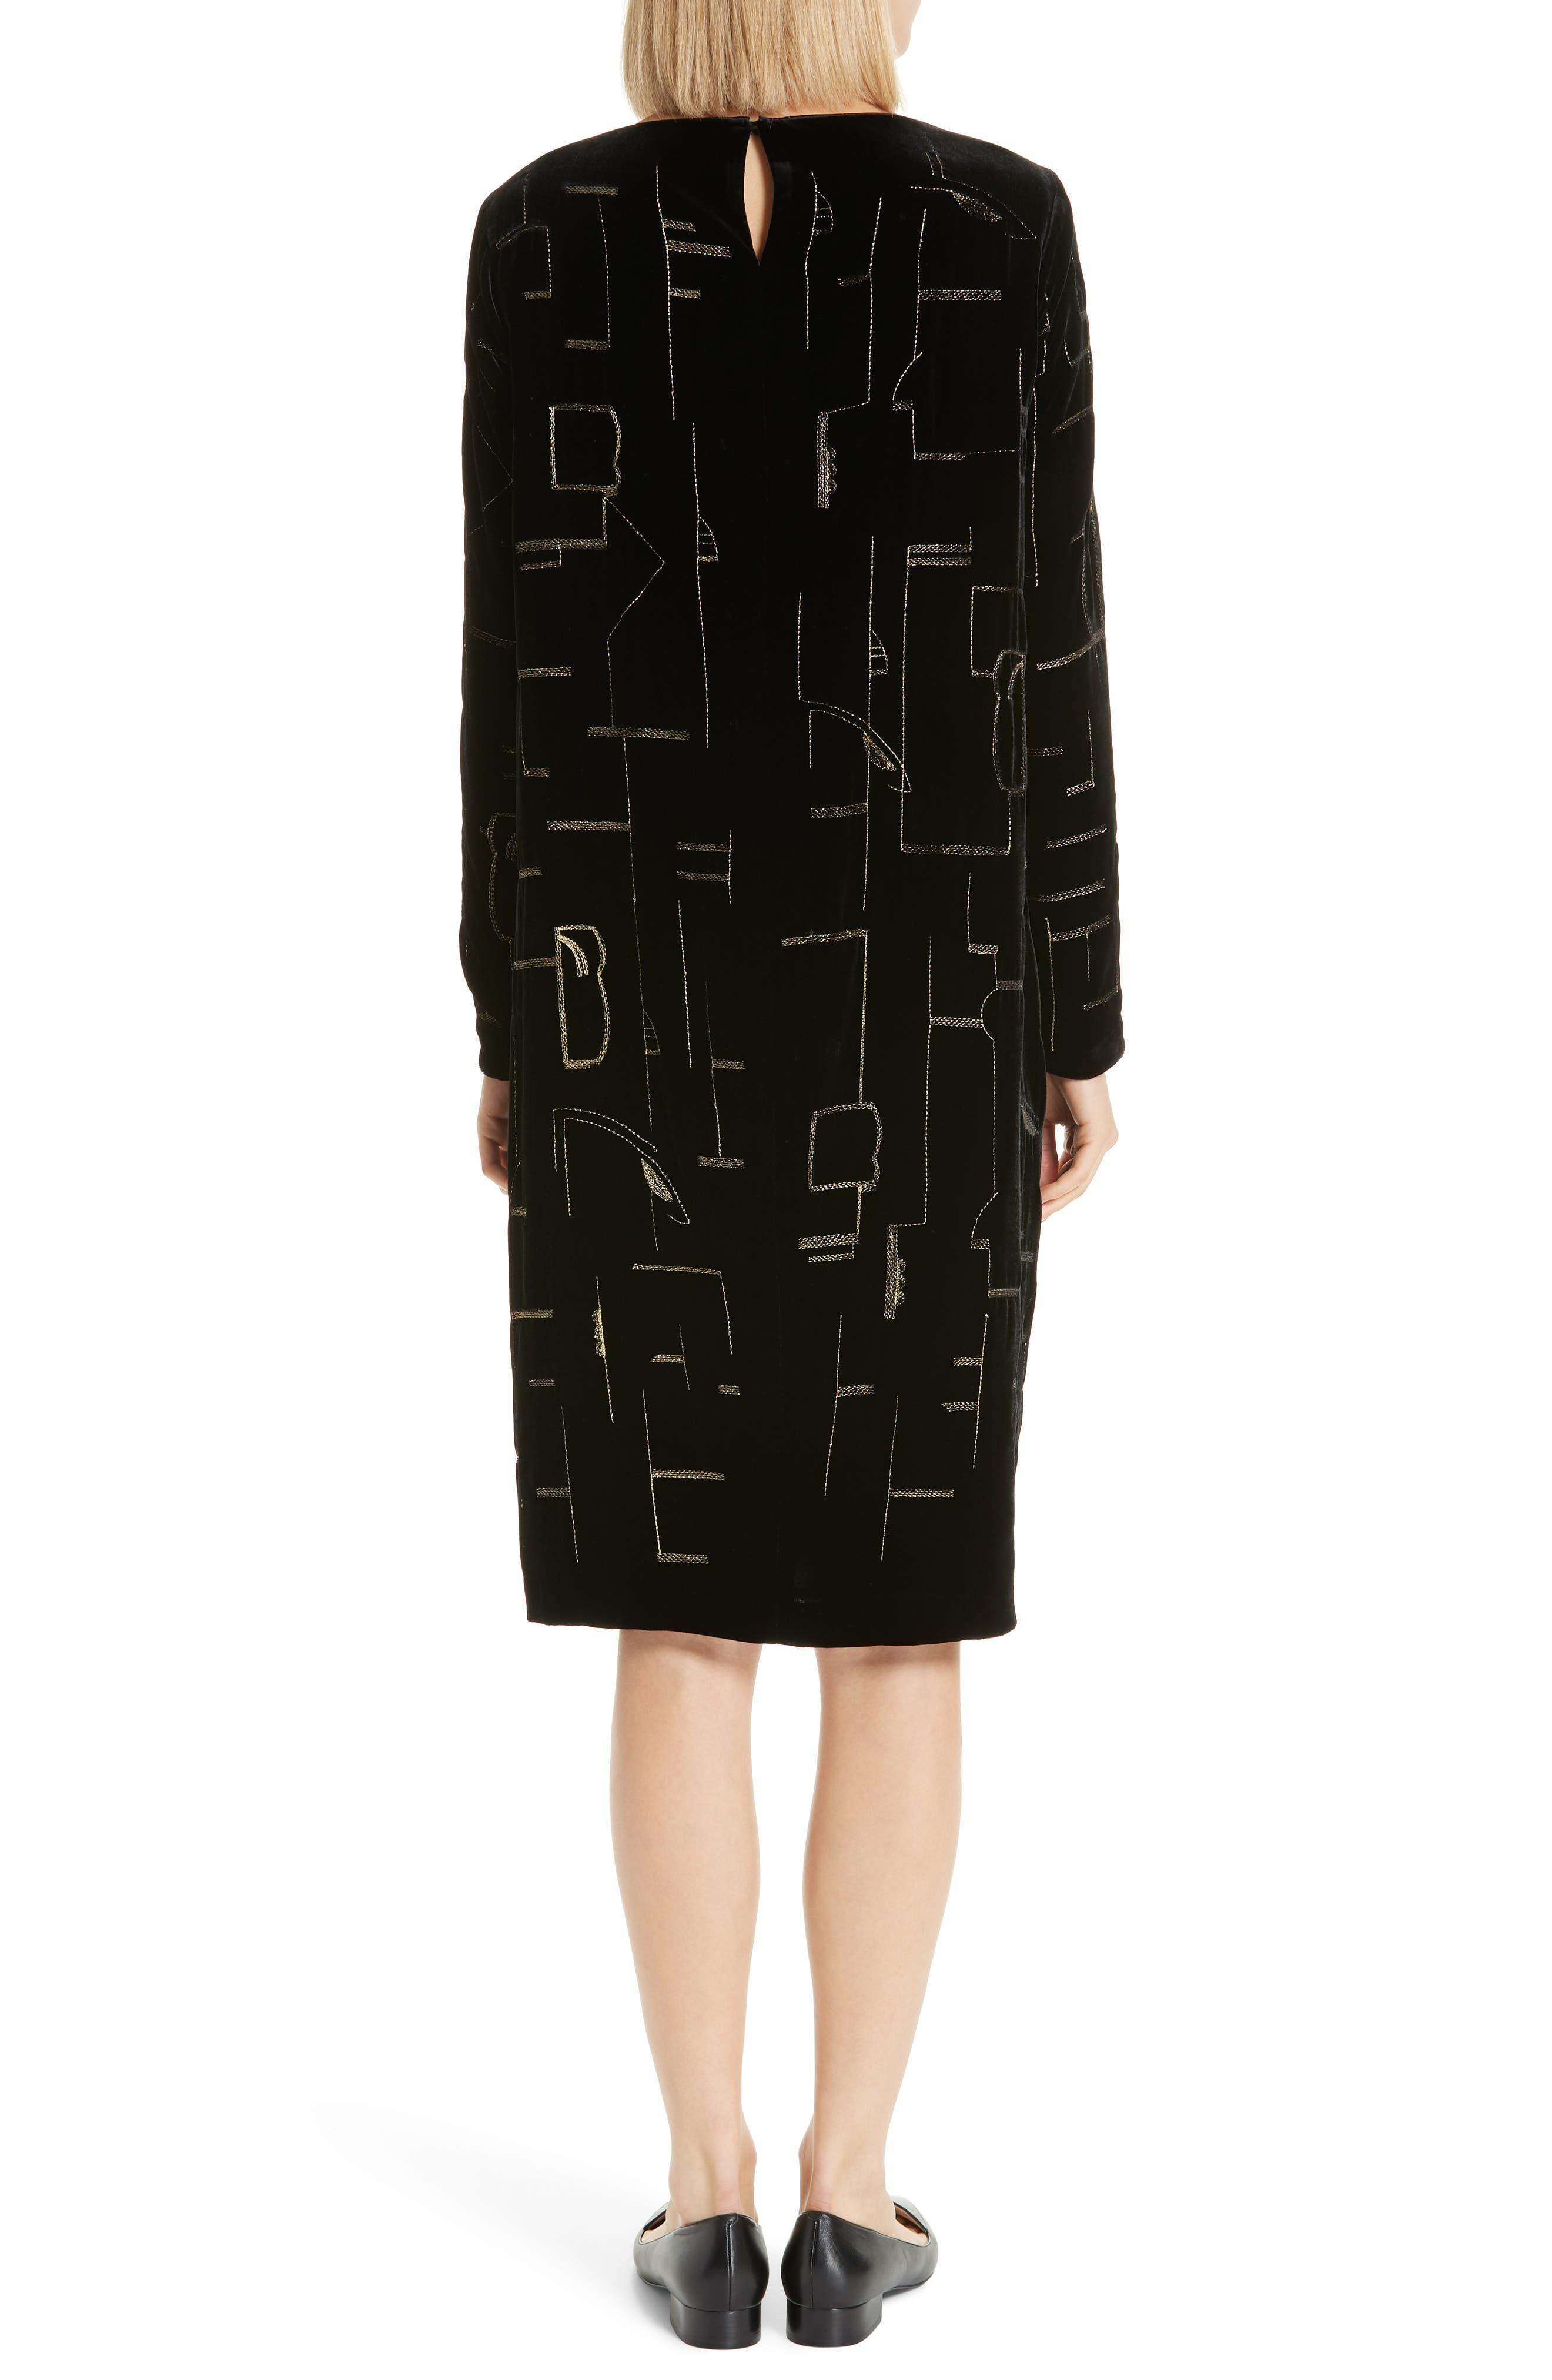 LAFAYETTE 148 NEW YORK,                             Cressida Embellished Velvet Dress,                             Alternate thumbnail 2, color,                             BLACK MULTI